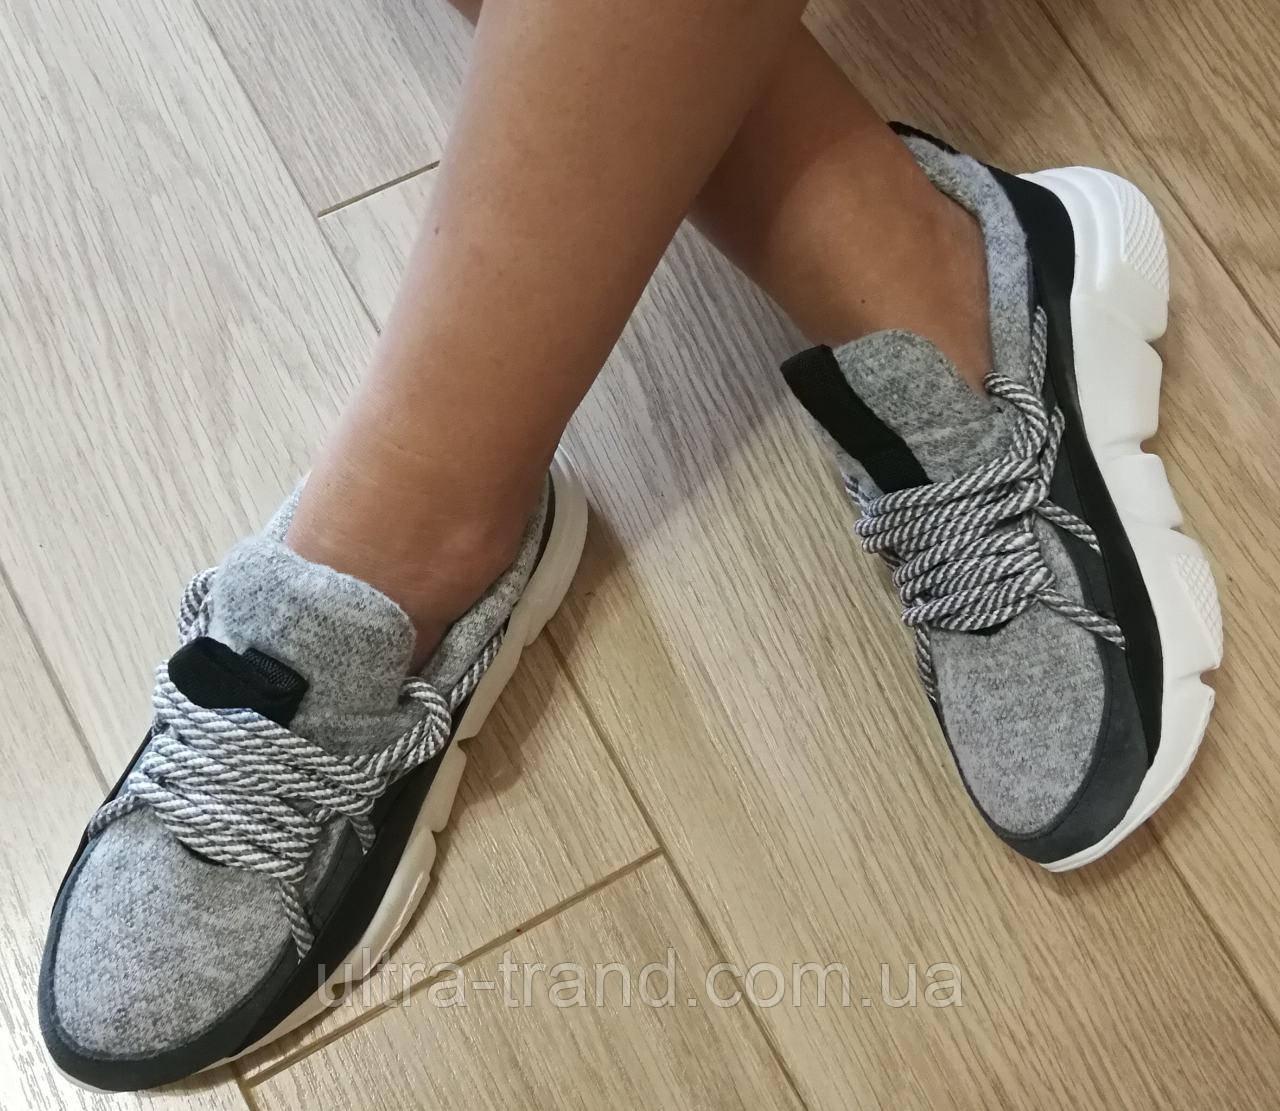 Женские стильные кроссовки Chanel текстиль с натуральной кожей Шанель